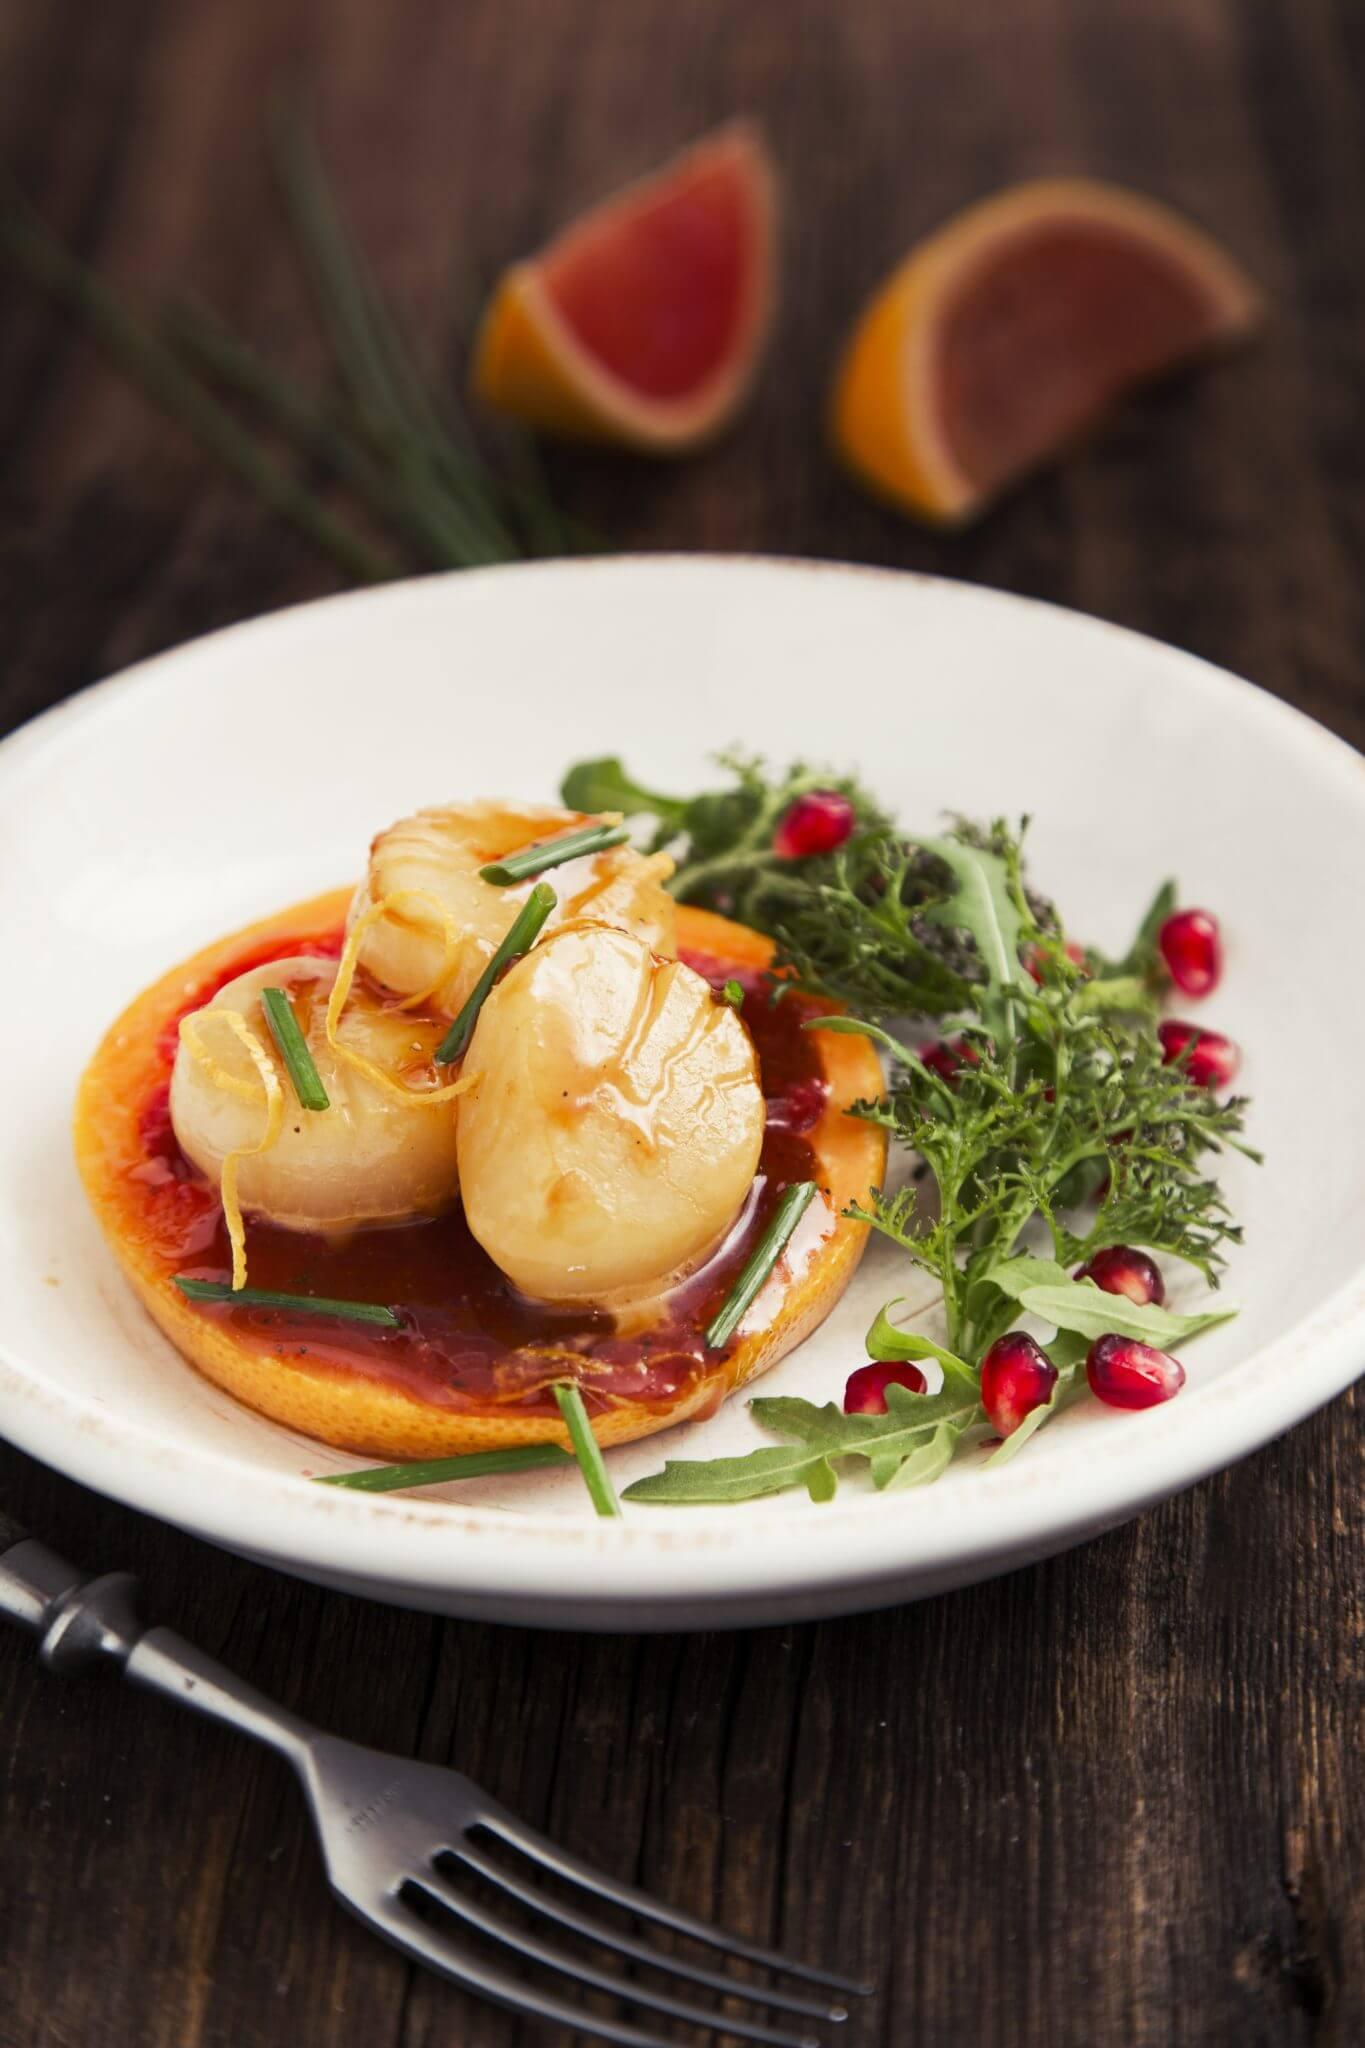 Małże Św. Jakuba (Przegrzebki) z karmelizowanym grapefruitem